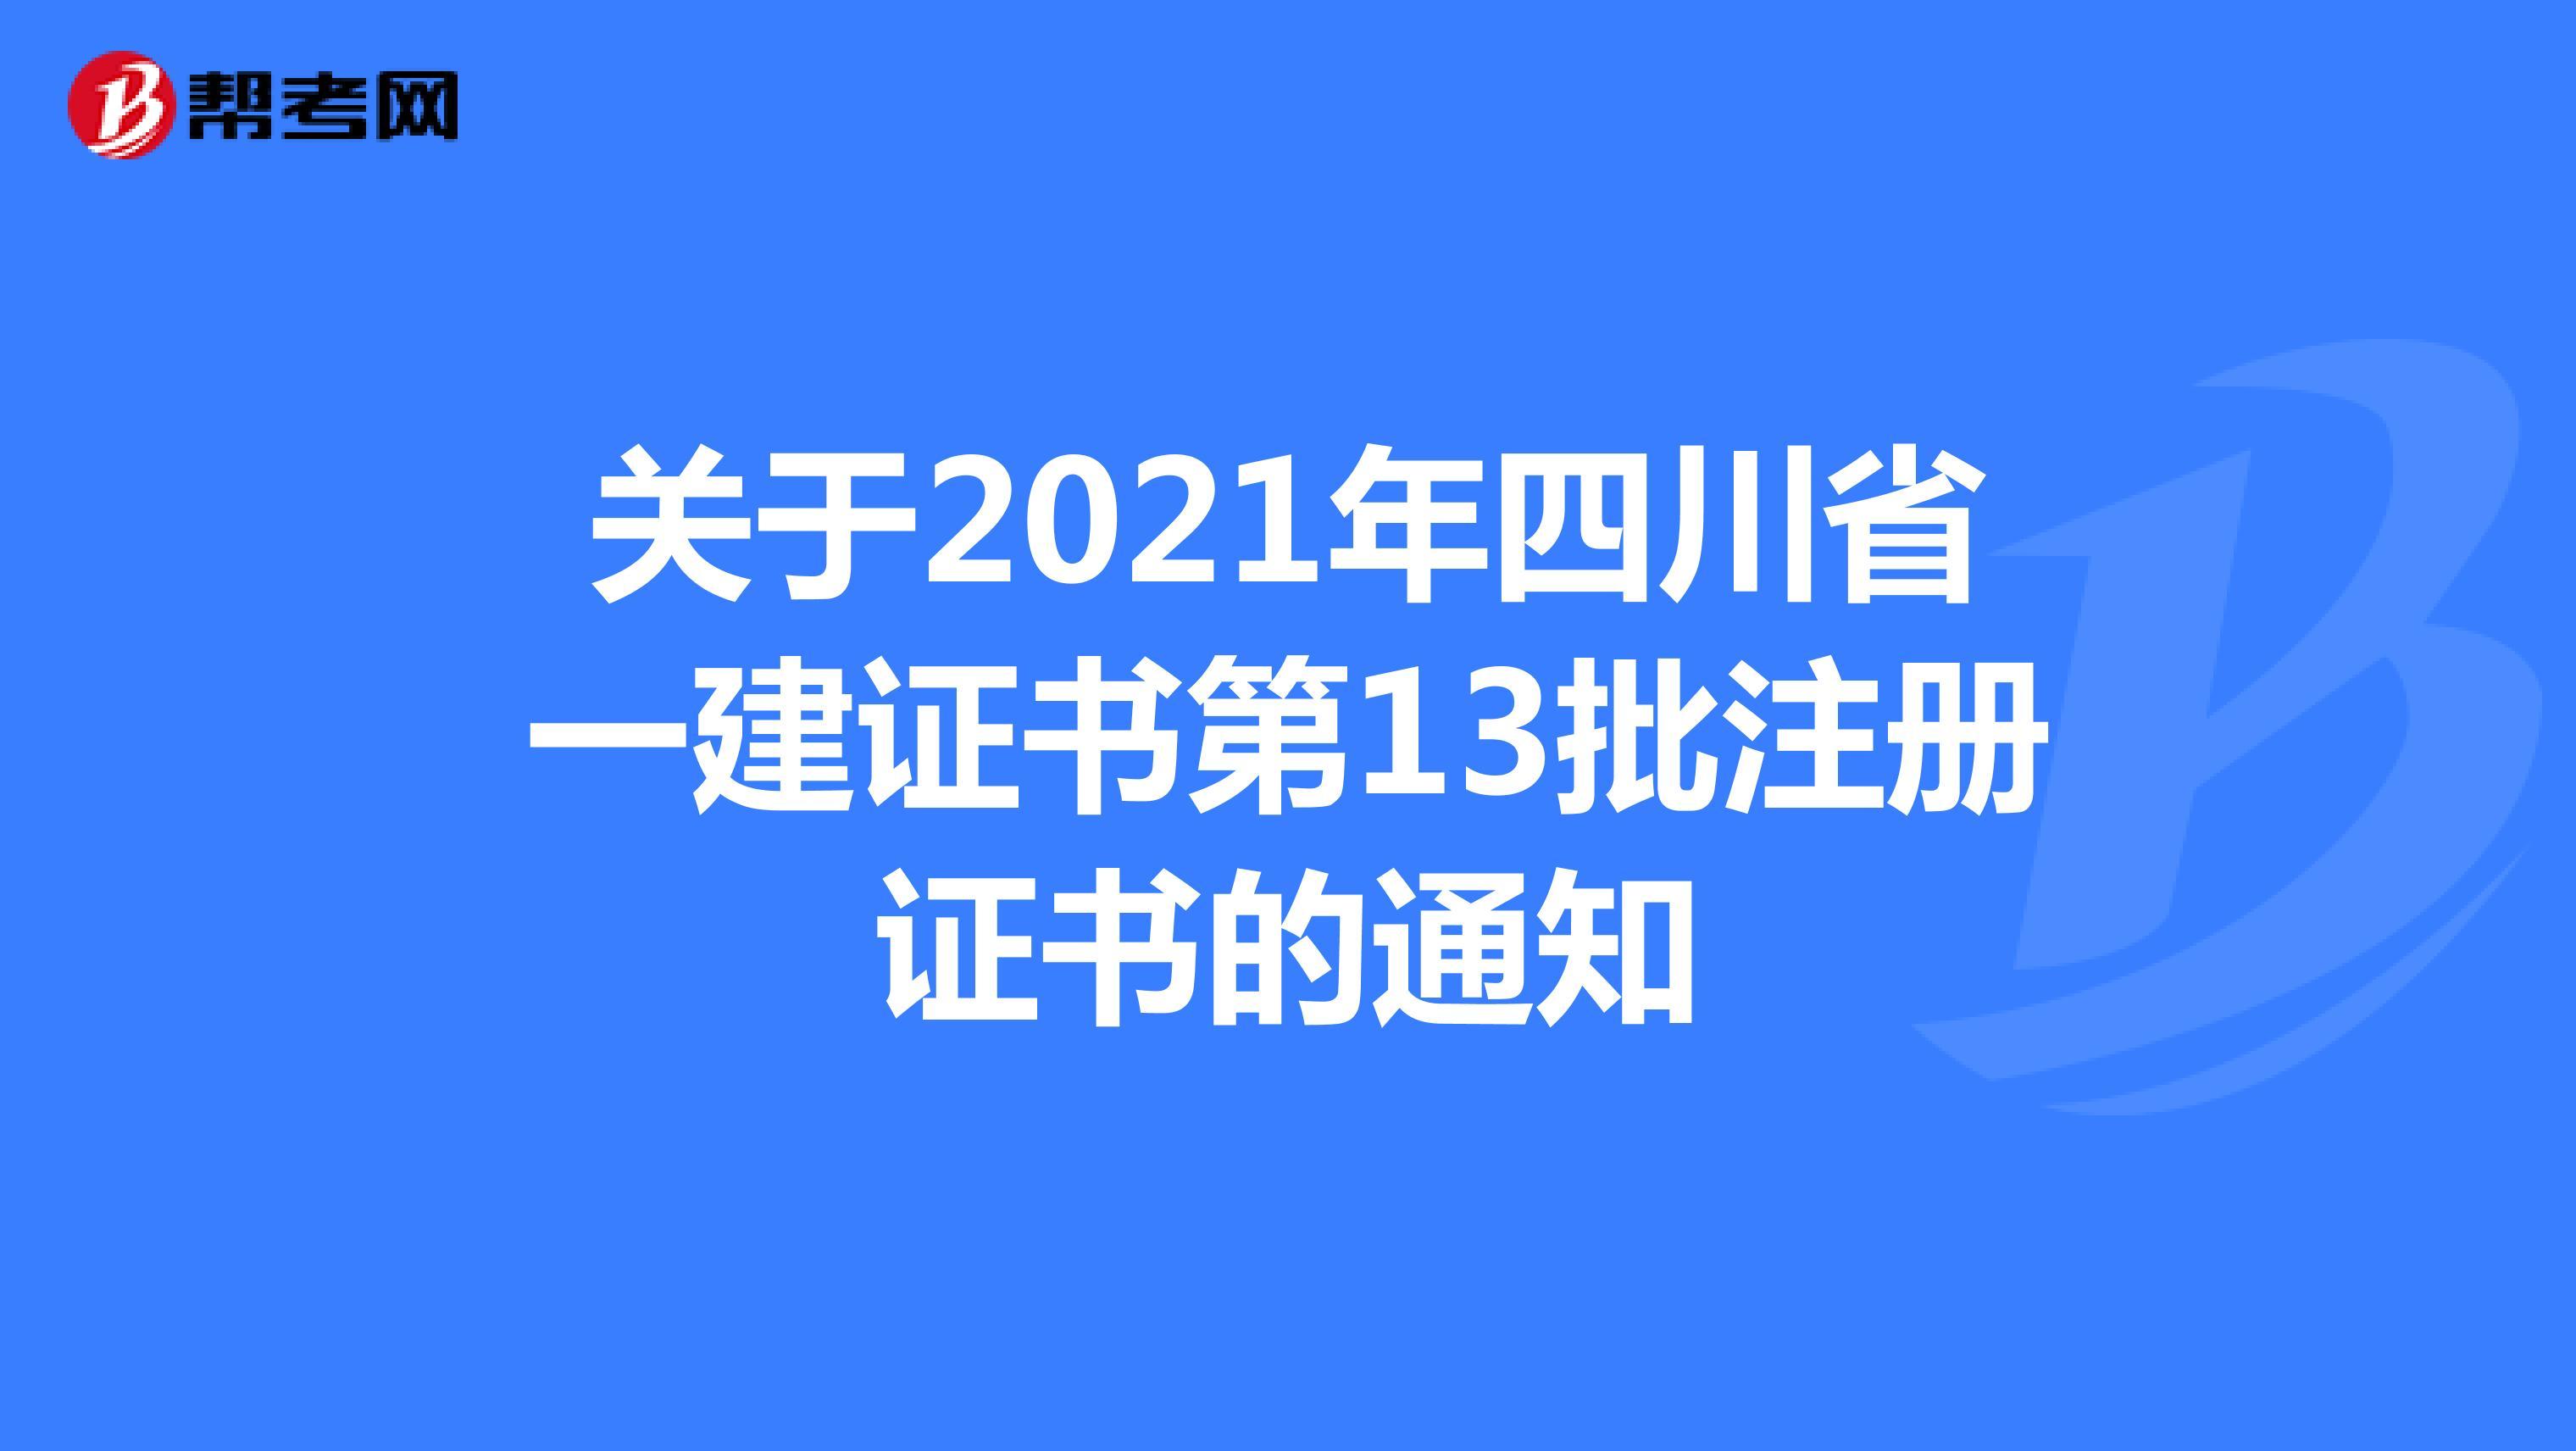 关于2021年四川省一建证书第13批注册证书的通知